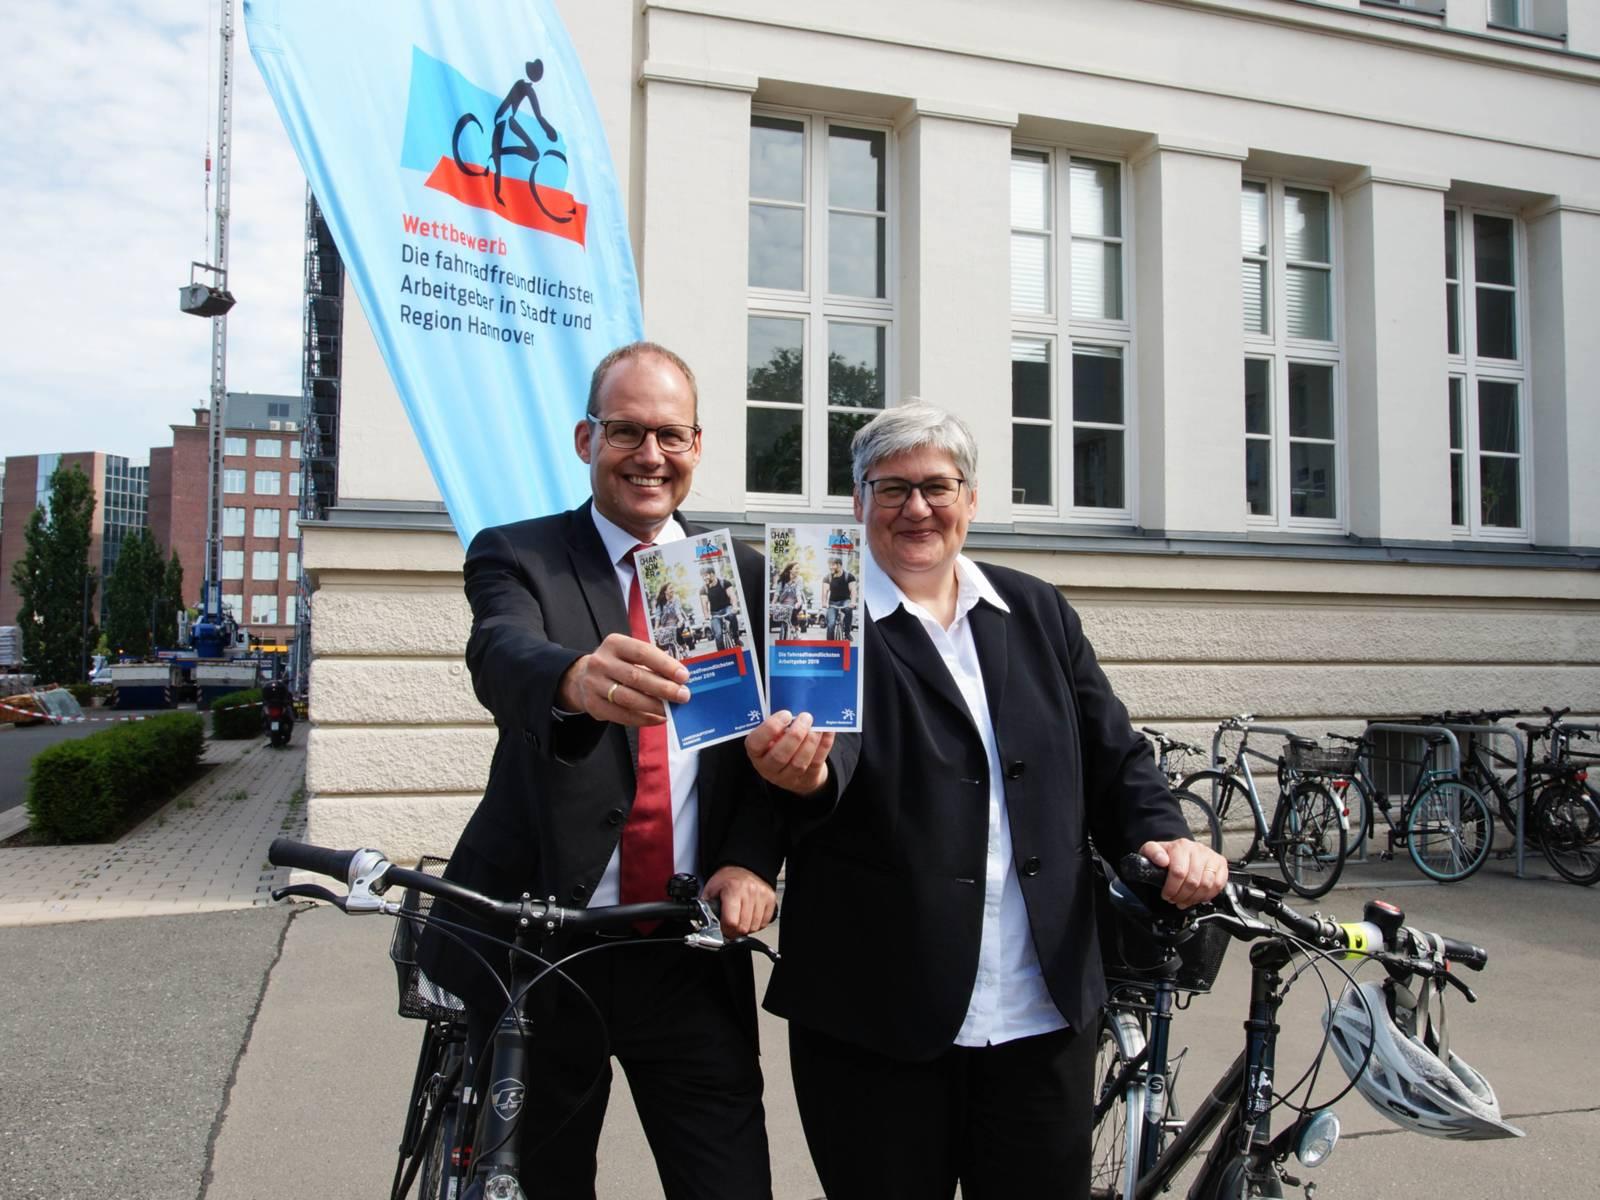 Ein Mann und eine Frau mit Fahrrädern. Sie zeigen einen Flyer.